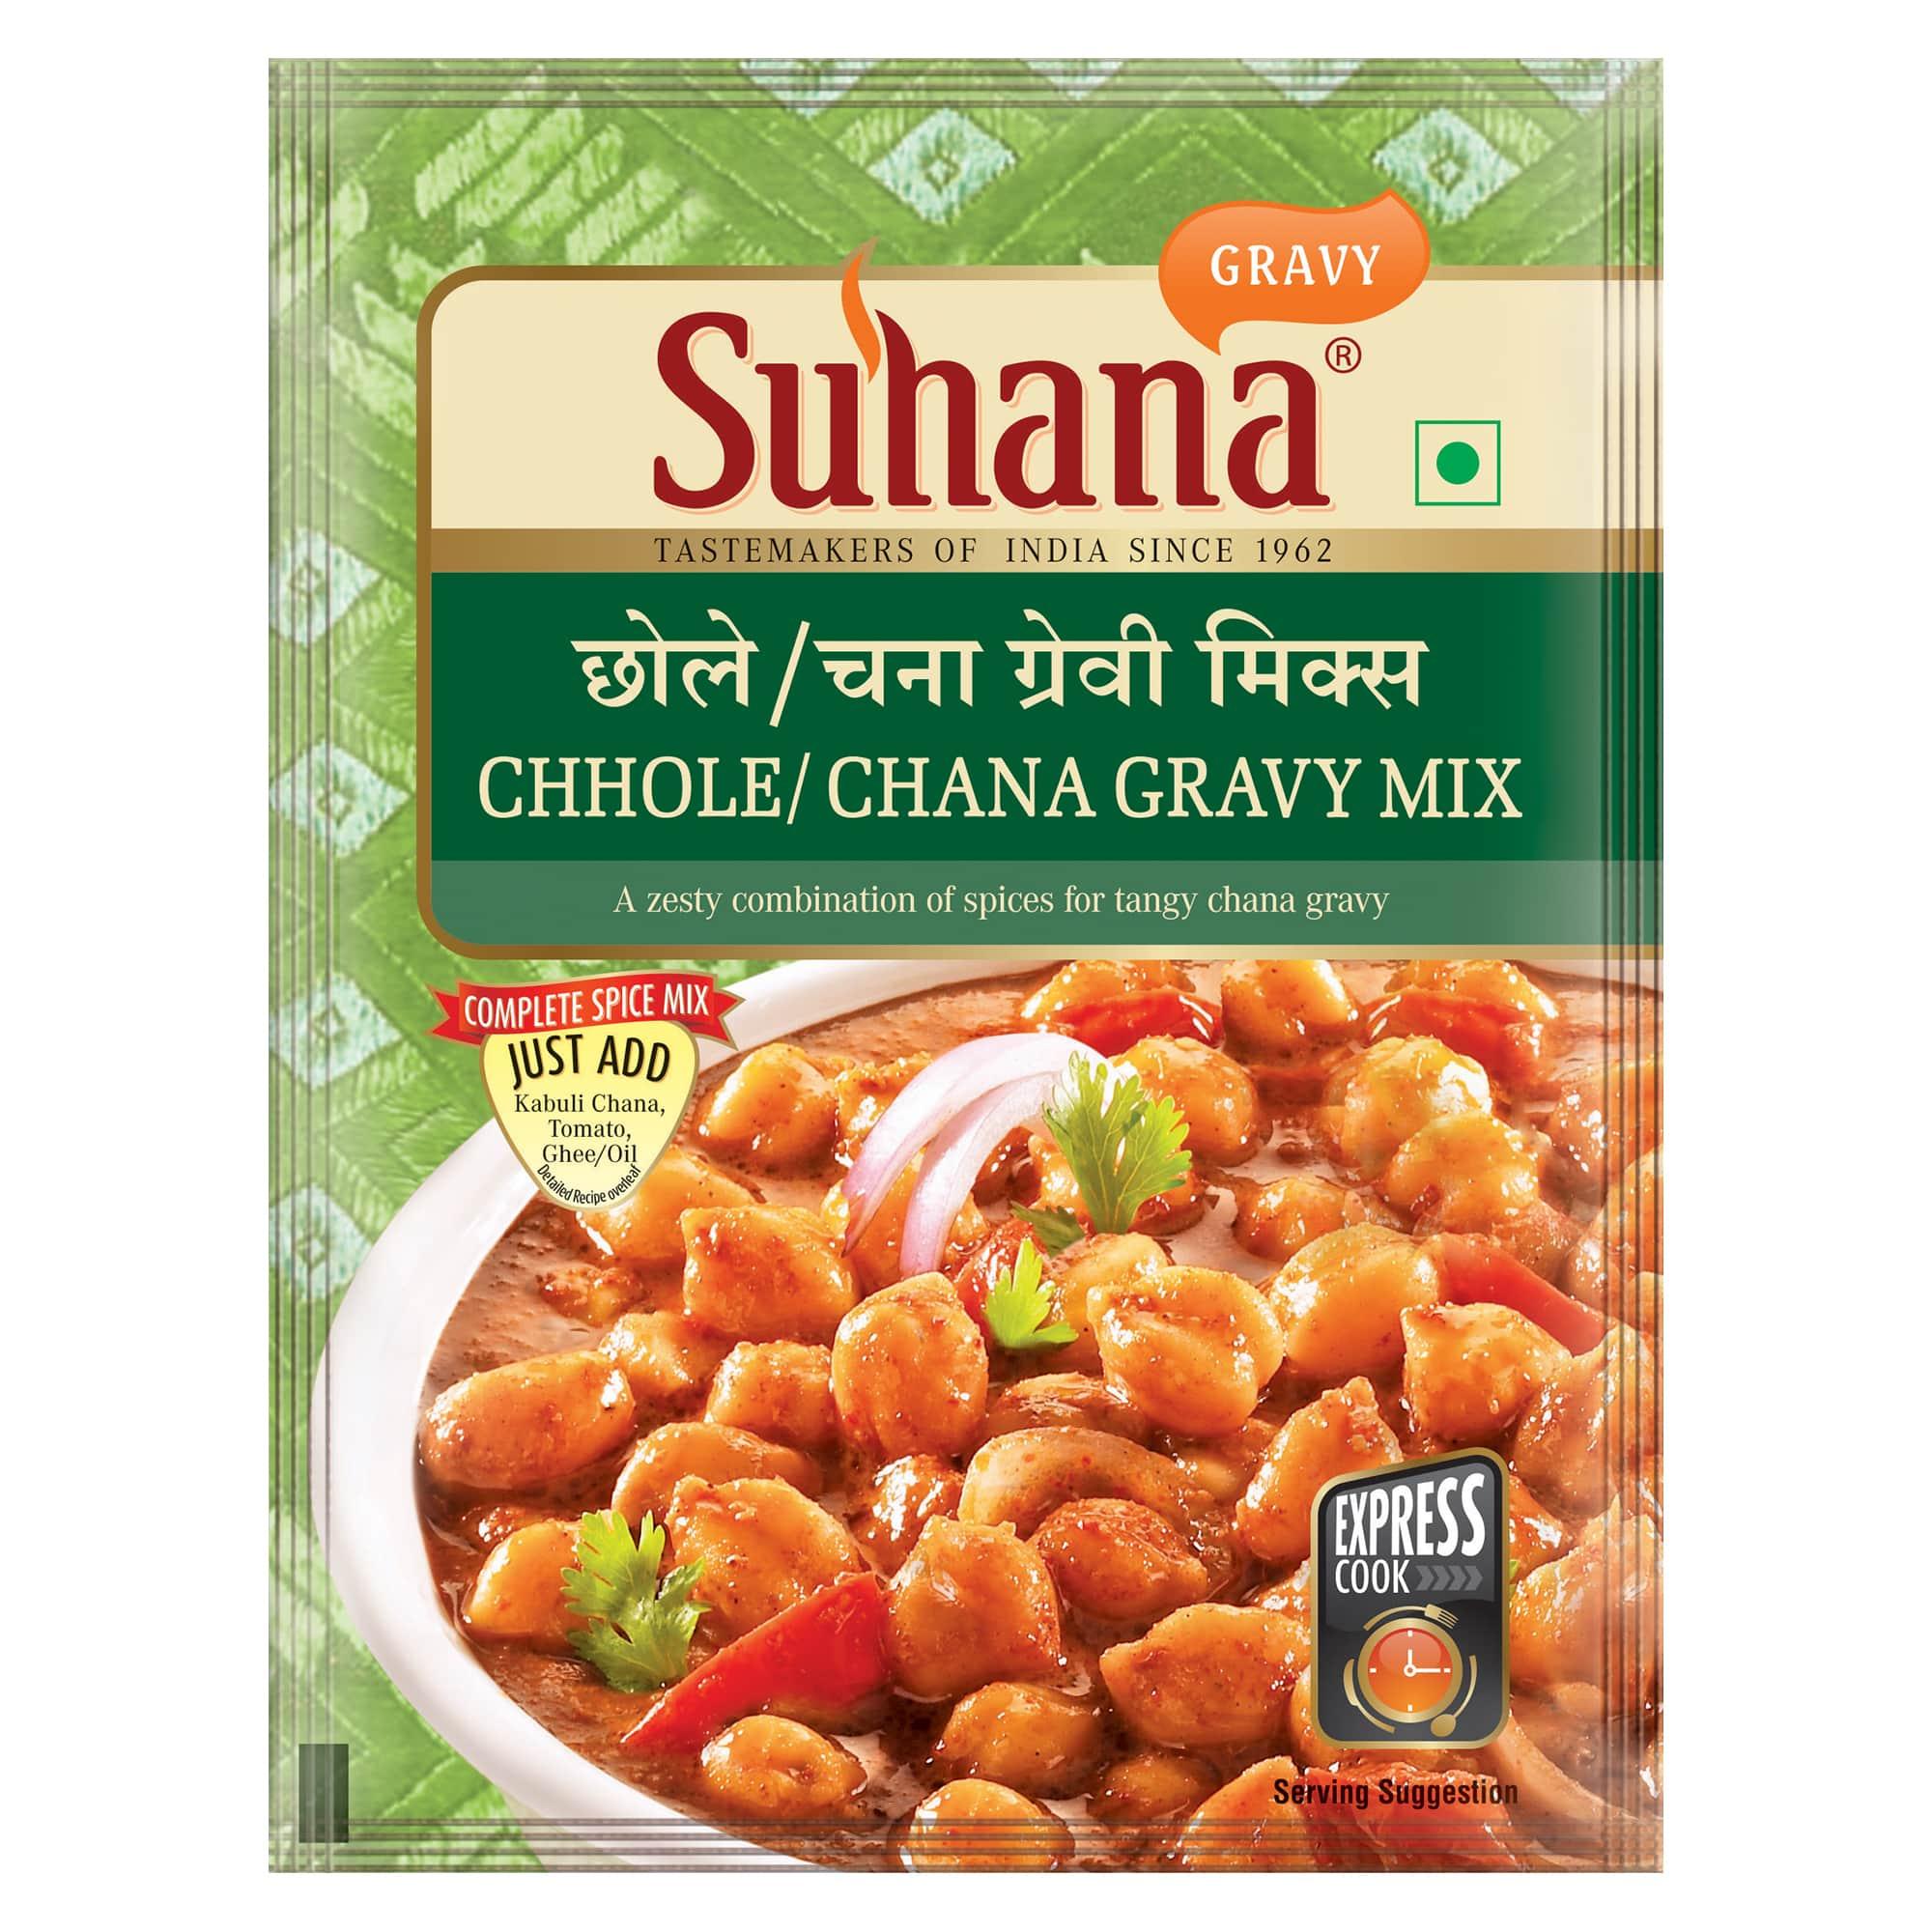 Suhana Chhole Chana Gravy Spice Mix 50g Pouch